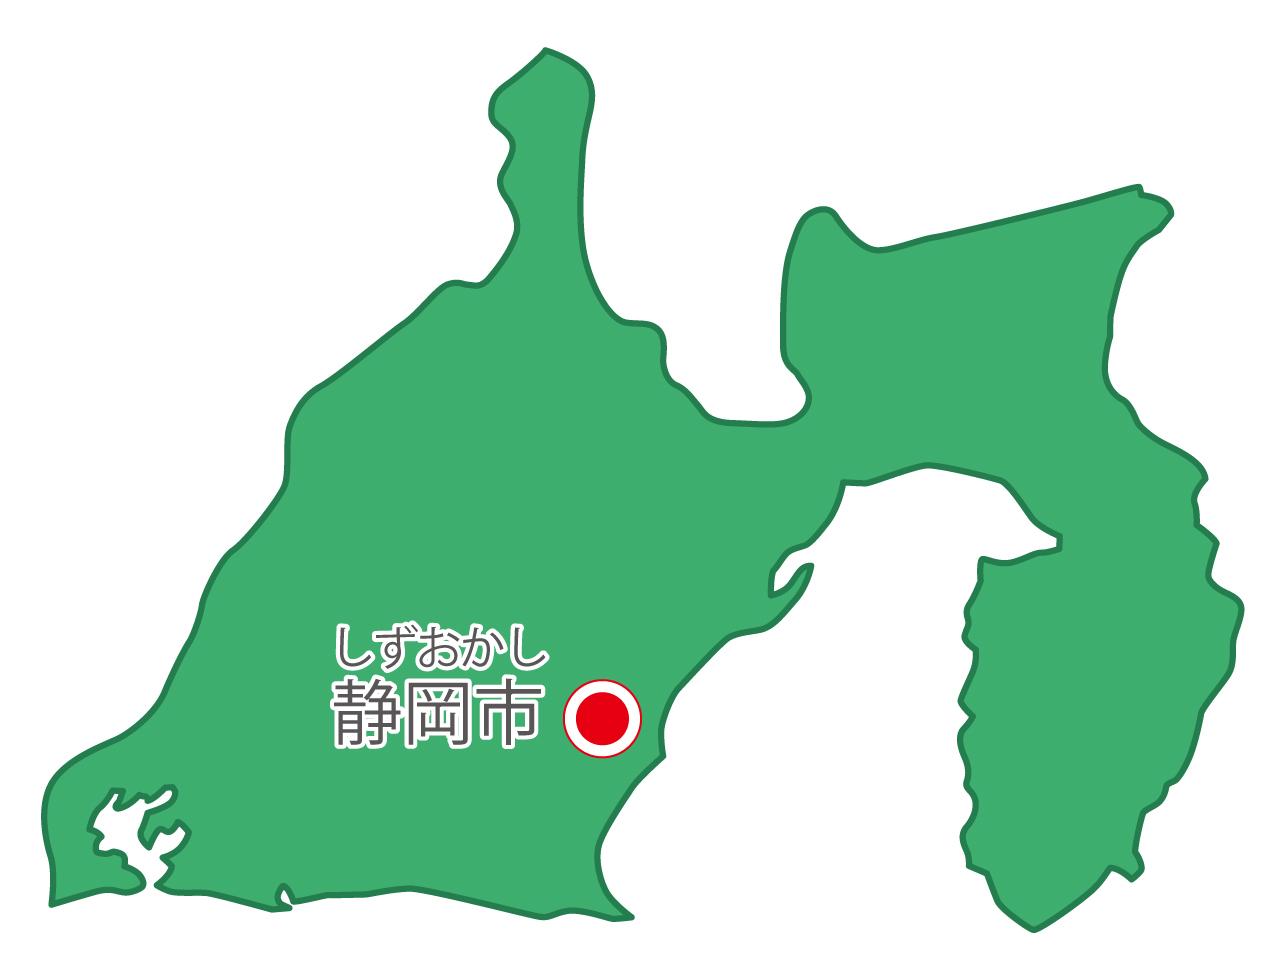 静岡県無料フリーイラスト|日本語・県庁所在地あり・ルビあり(緑)